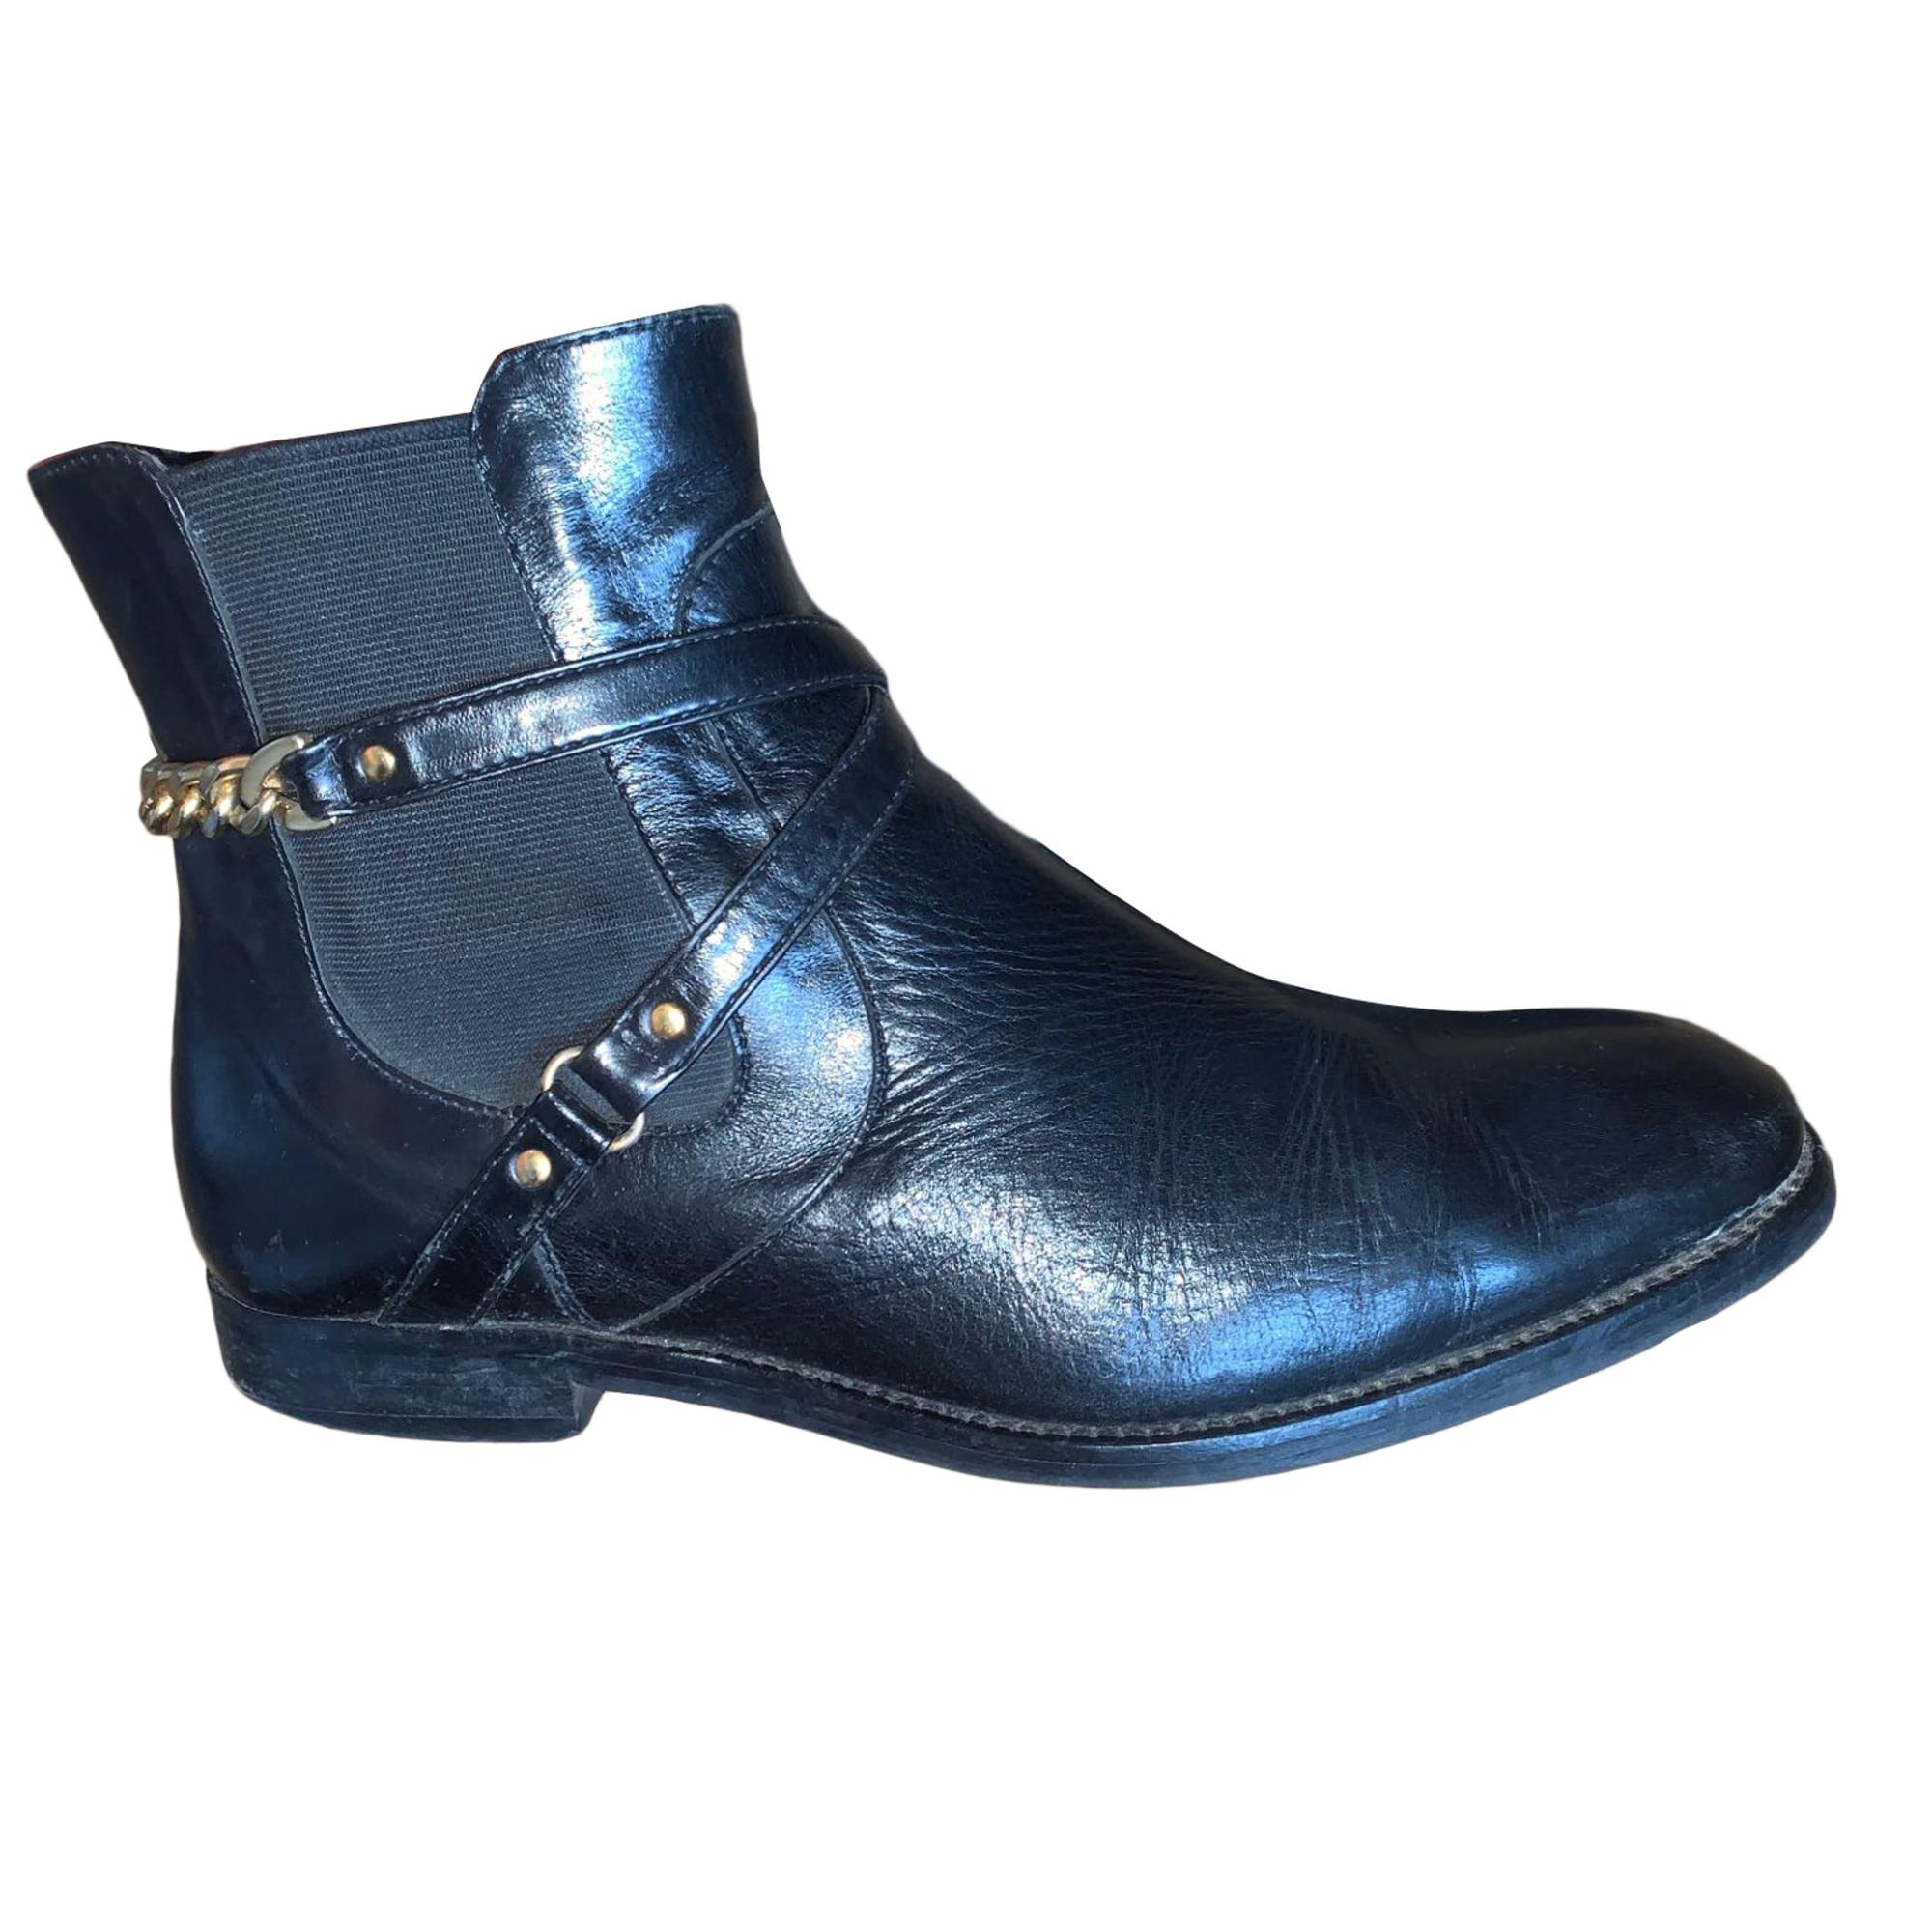 Bottines & low boots plates COSMOPARIS Noir